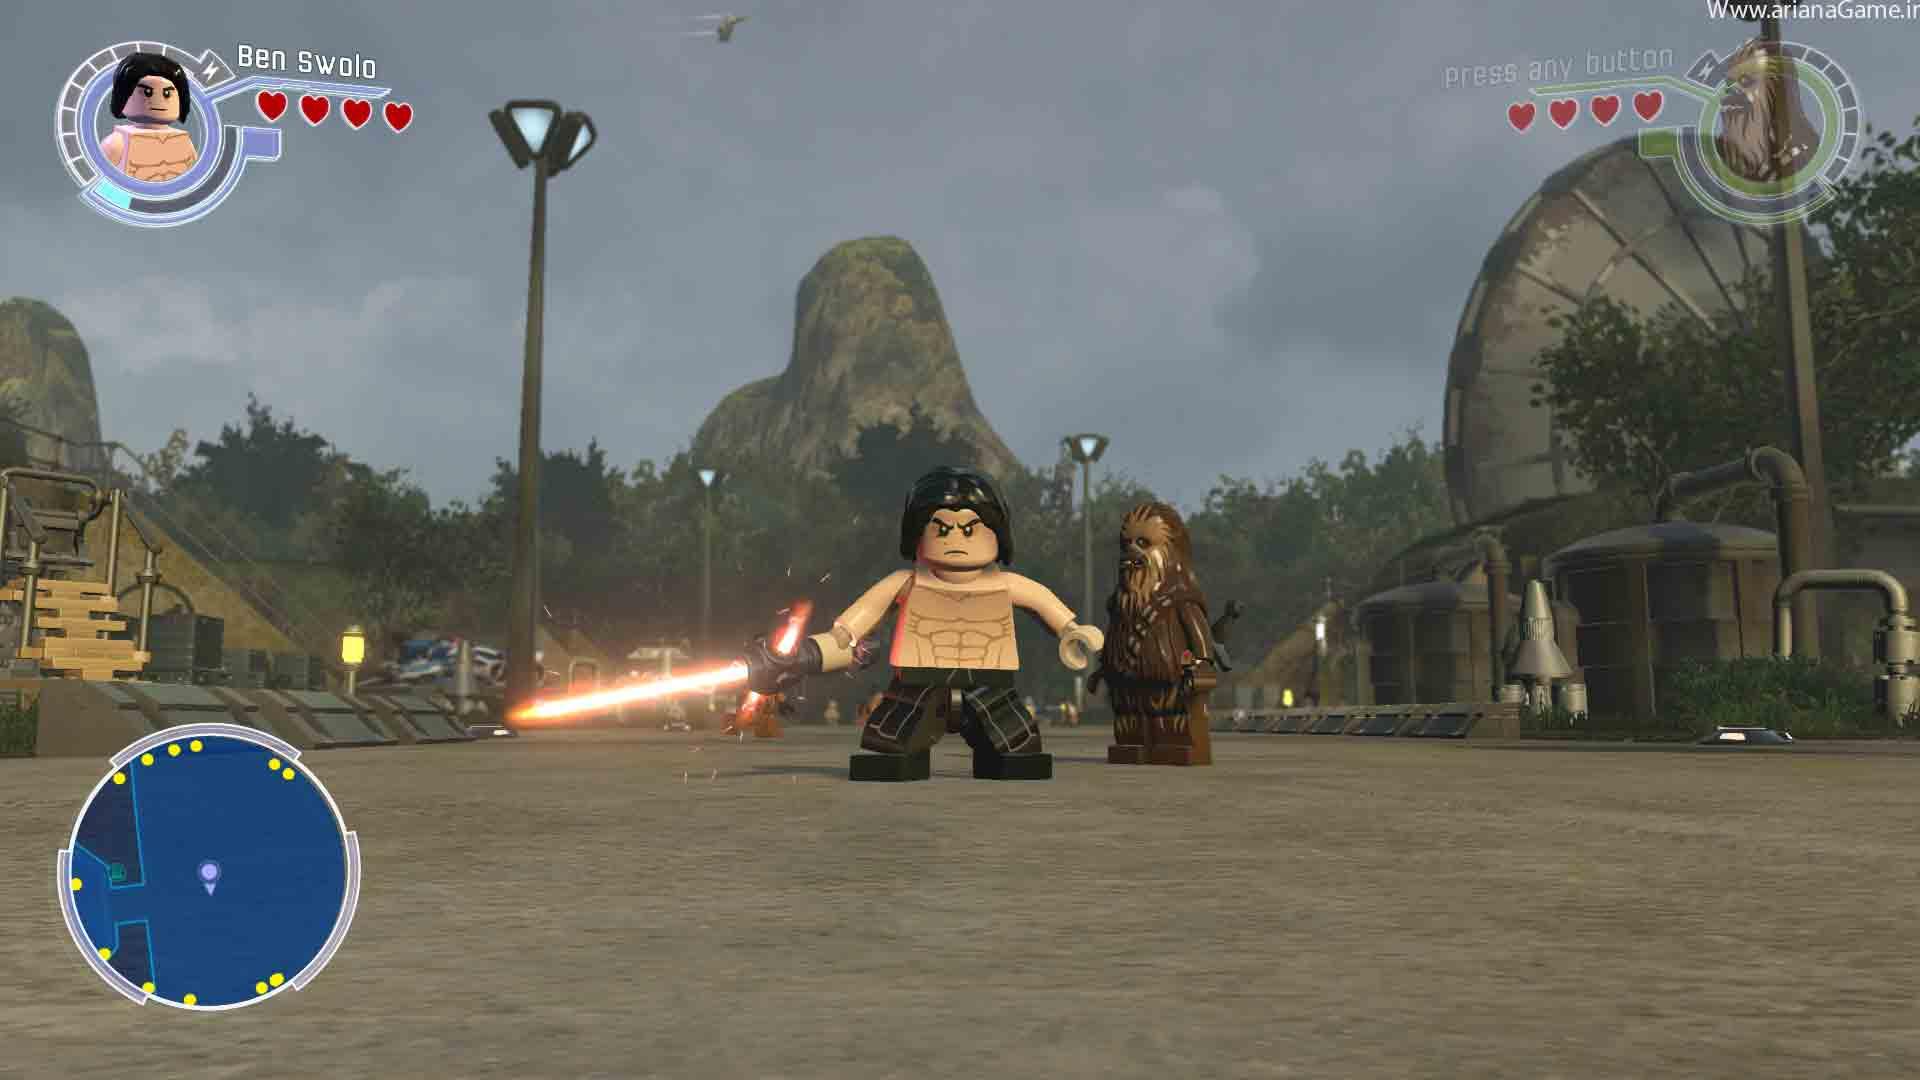 خرید بازی Lego Star Wars: The Force Awakens برای PC